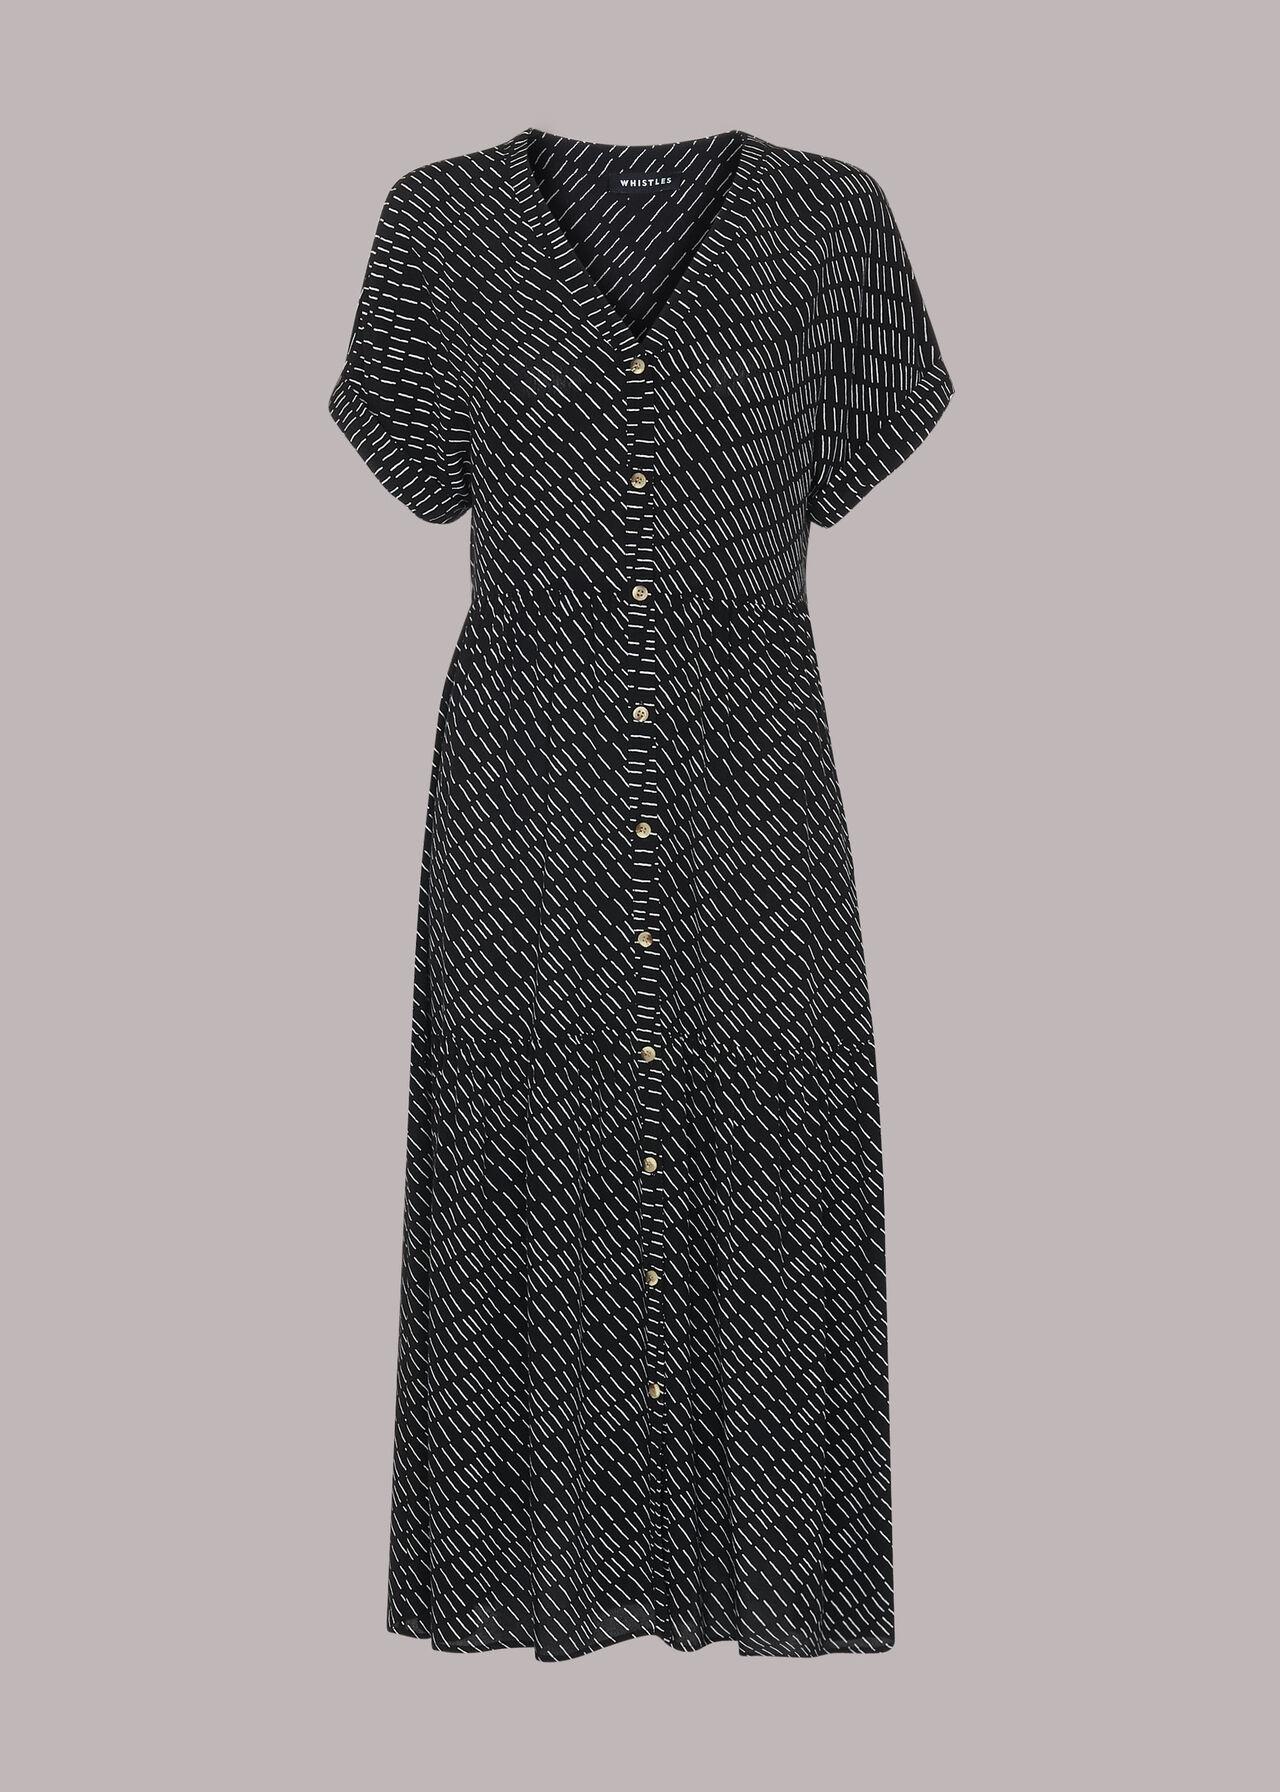 Geo Print Tiered Dress